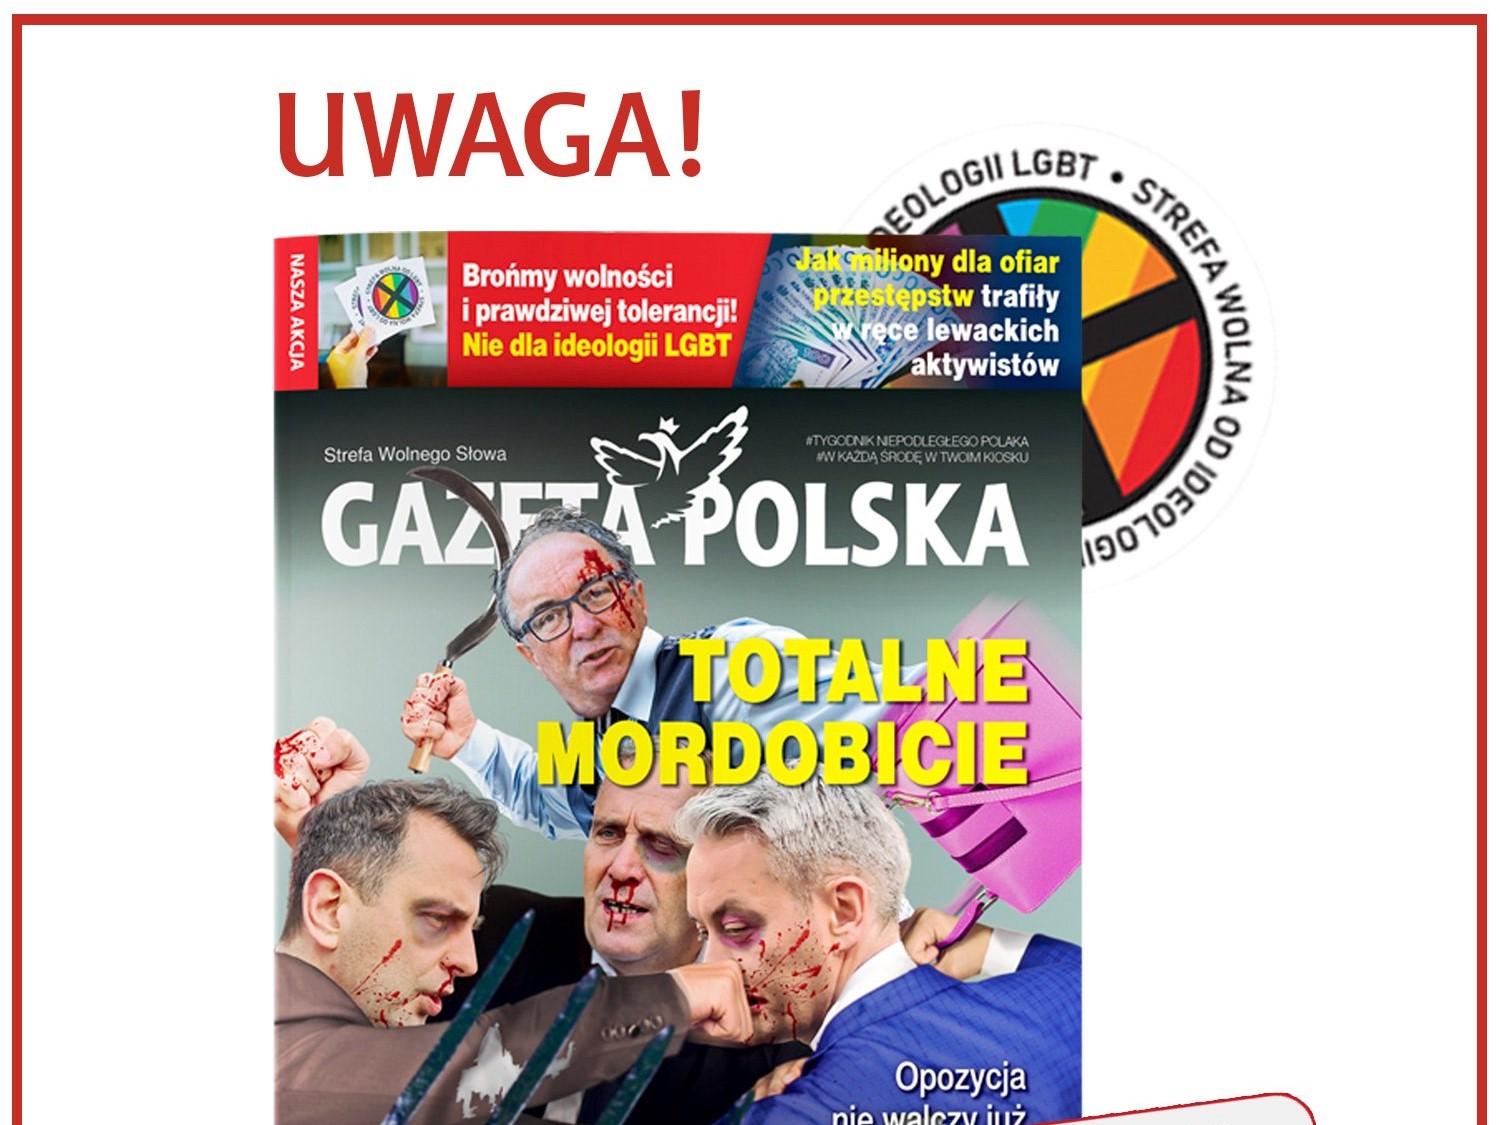 okładka gazety polskiej LGBT - TT: Gazeta Polska